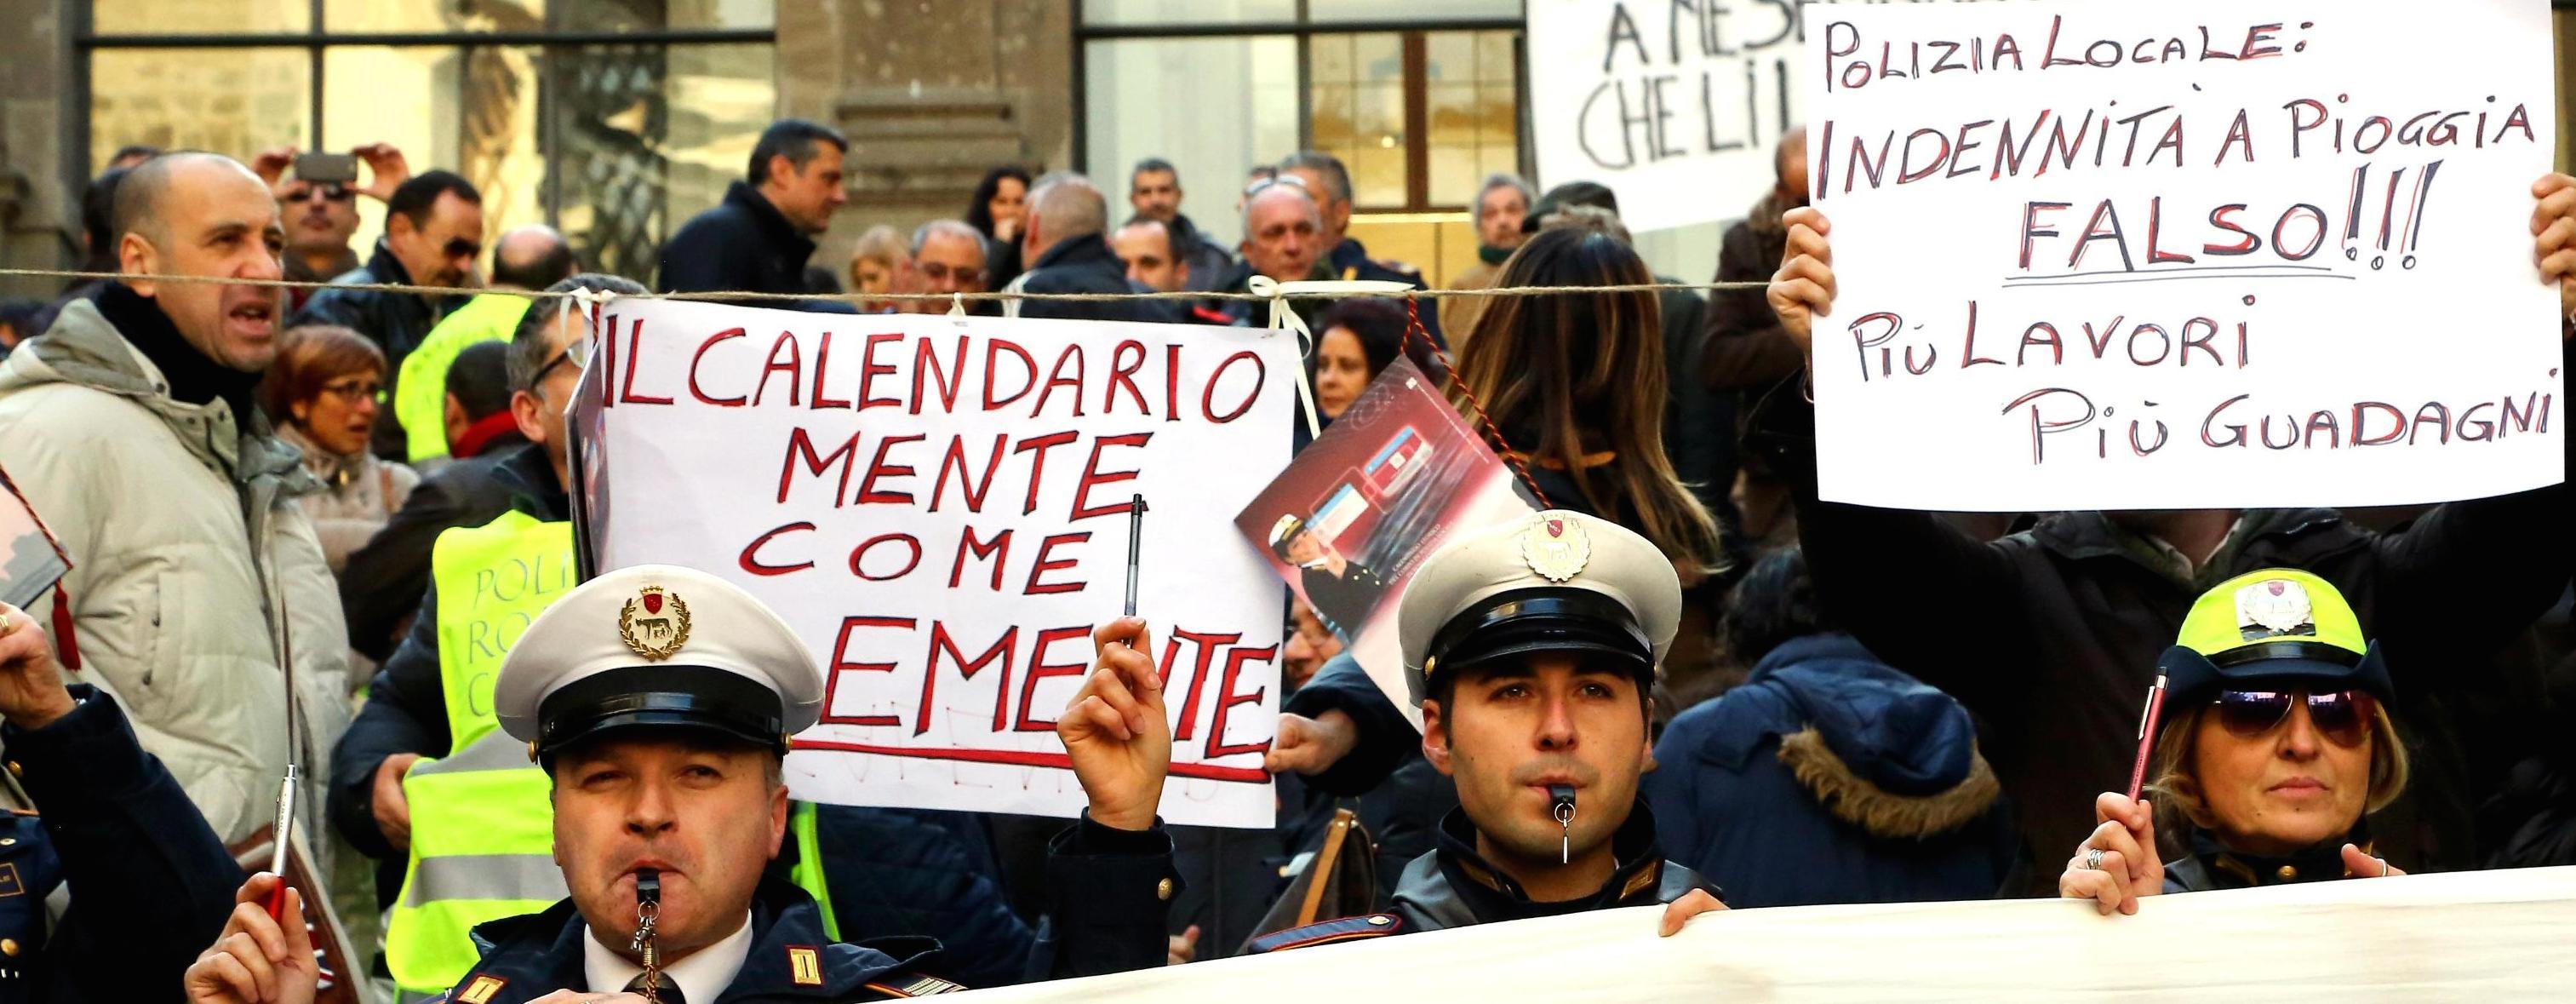 Proteste in Campidoglio